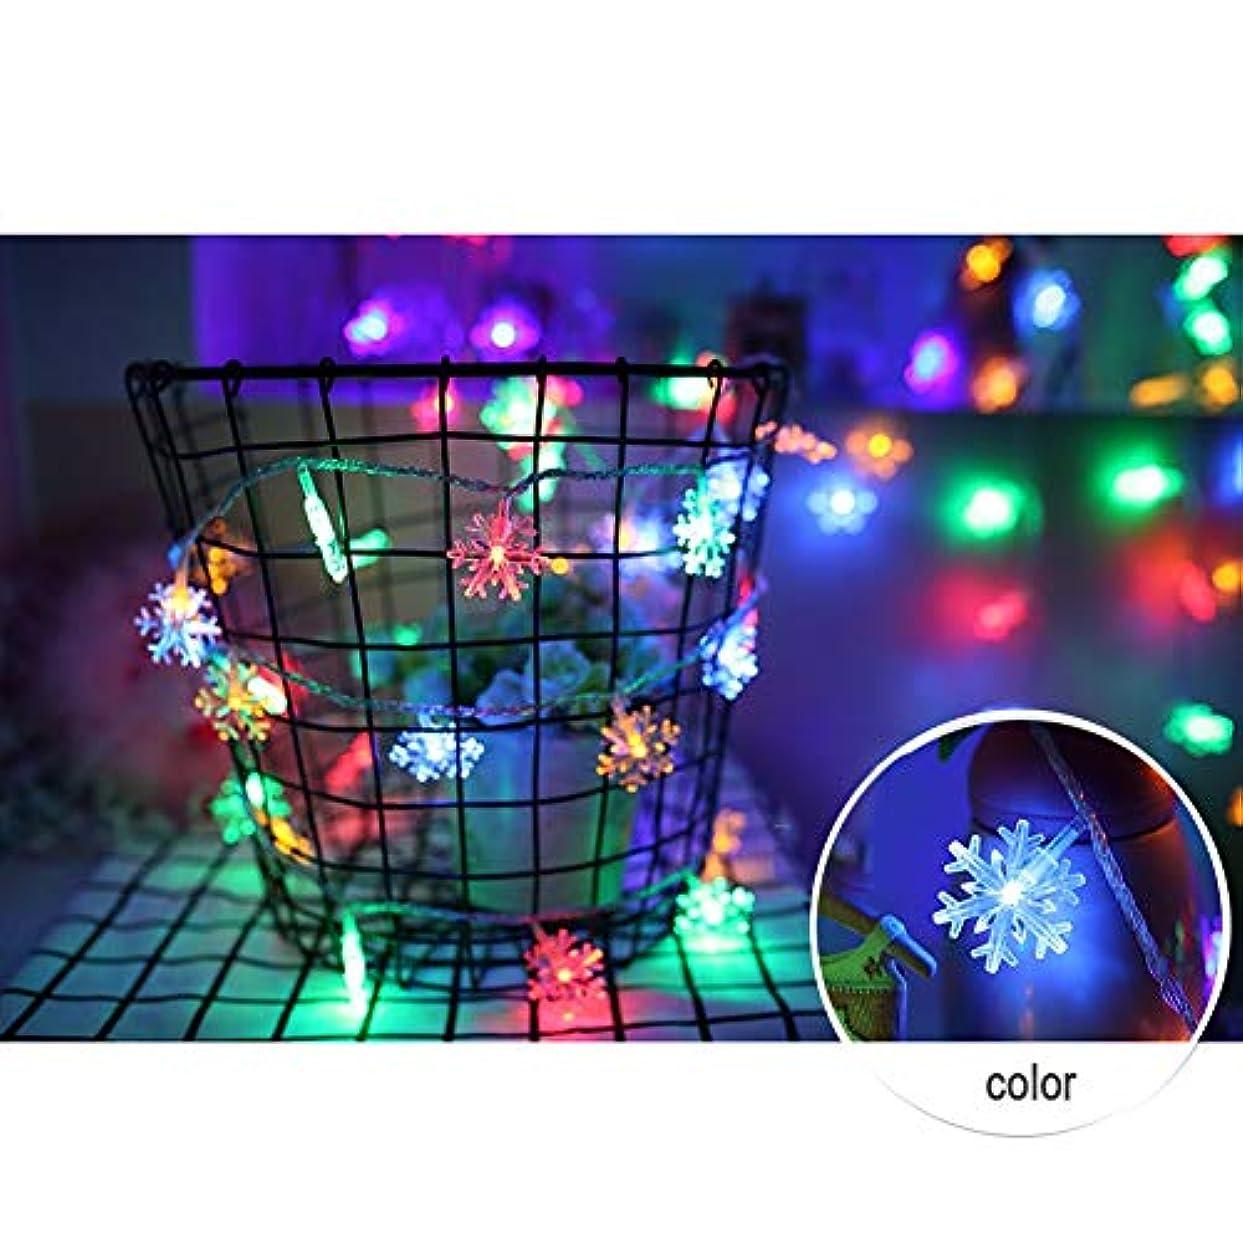 毛布無しメール電池式 ストリングライト - 防雨型 スノーフレークLEDイルミネ ーションライト ロマンチックな雰囲気を作る屋外用 ワイヤーライト イルミネーションライト、庭、パティオ、バルコニ、ークリスマス